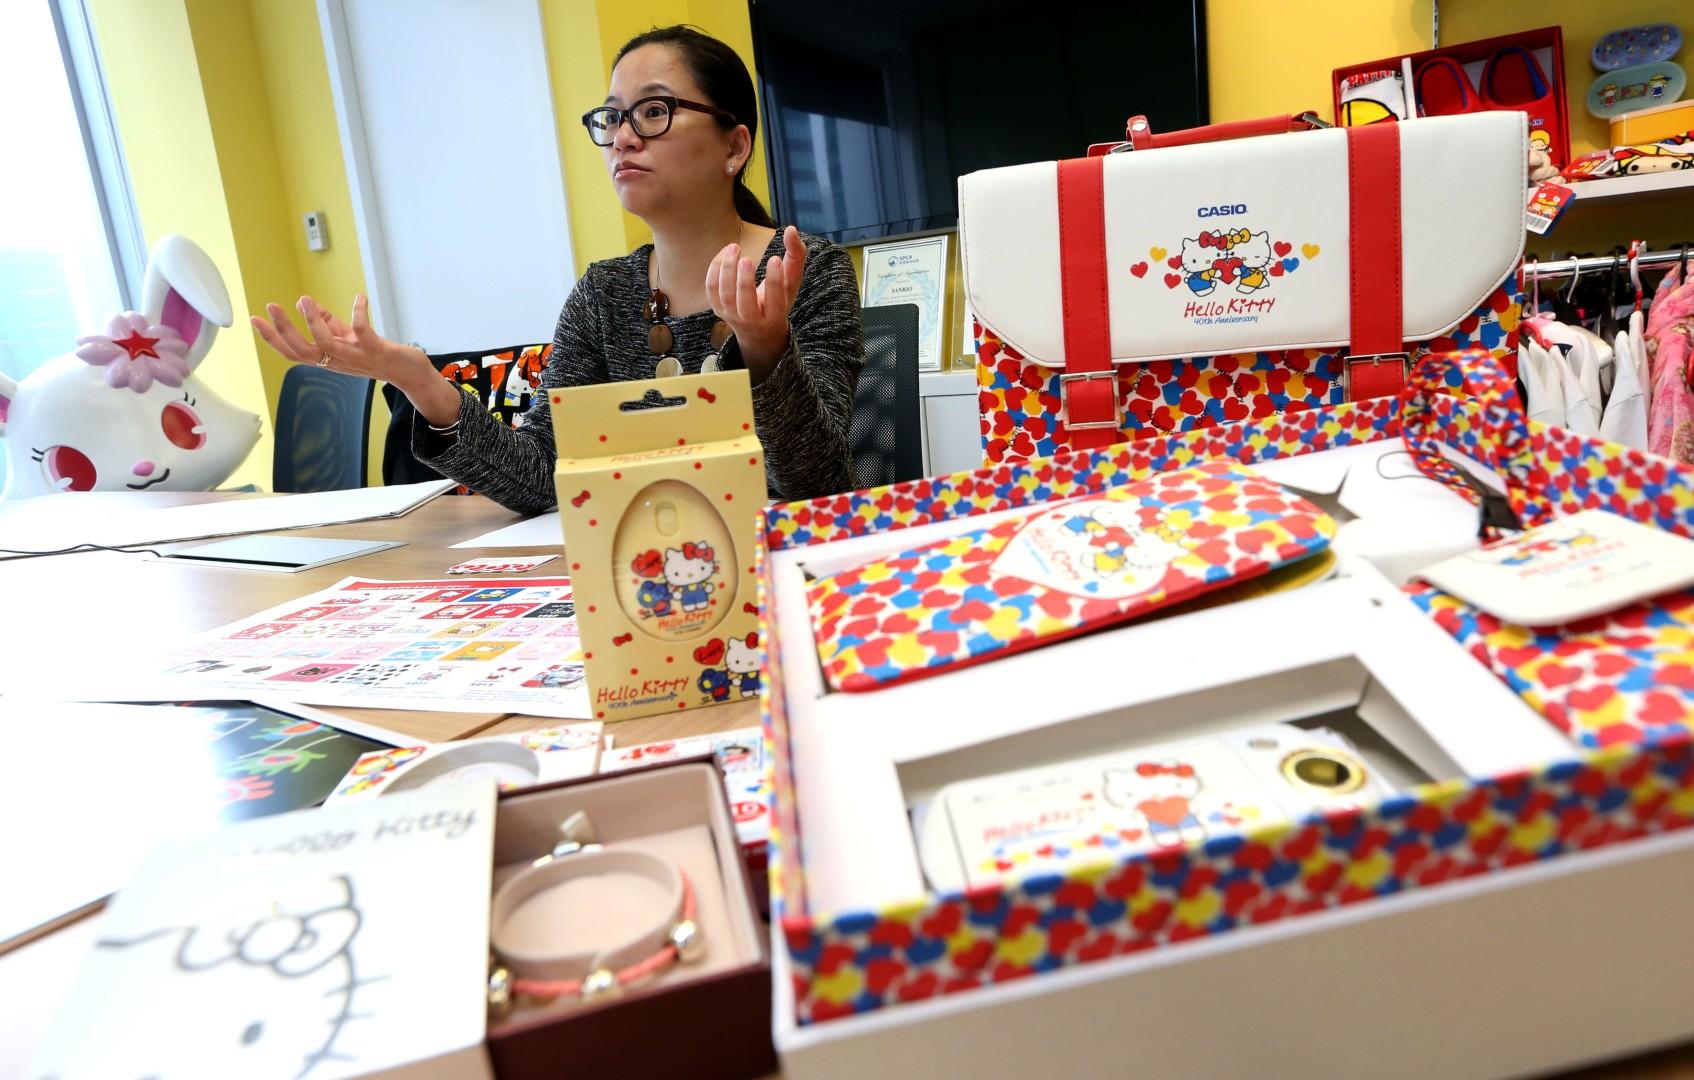 e56263483 Happy birthday Hello Kitty! Superstar cat celebrates 40th anniversary    South China Morning Post